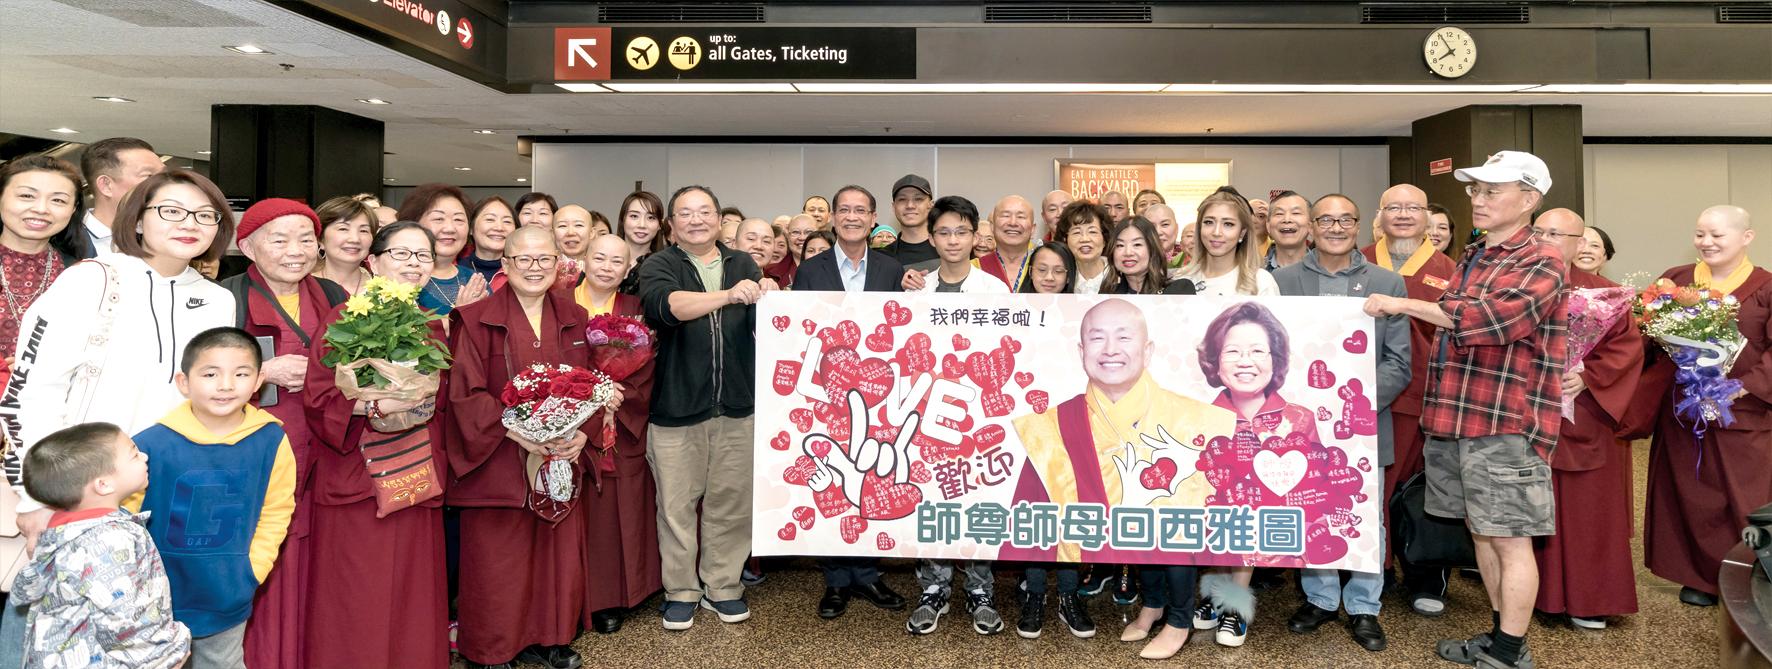 美加弟子趕往西雅圖機場迎接師尊、師母返美,並在機場合影。